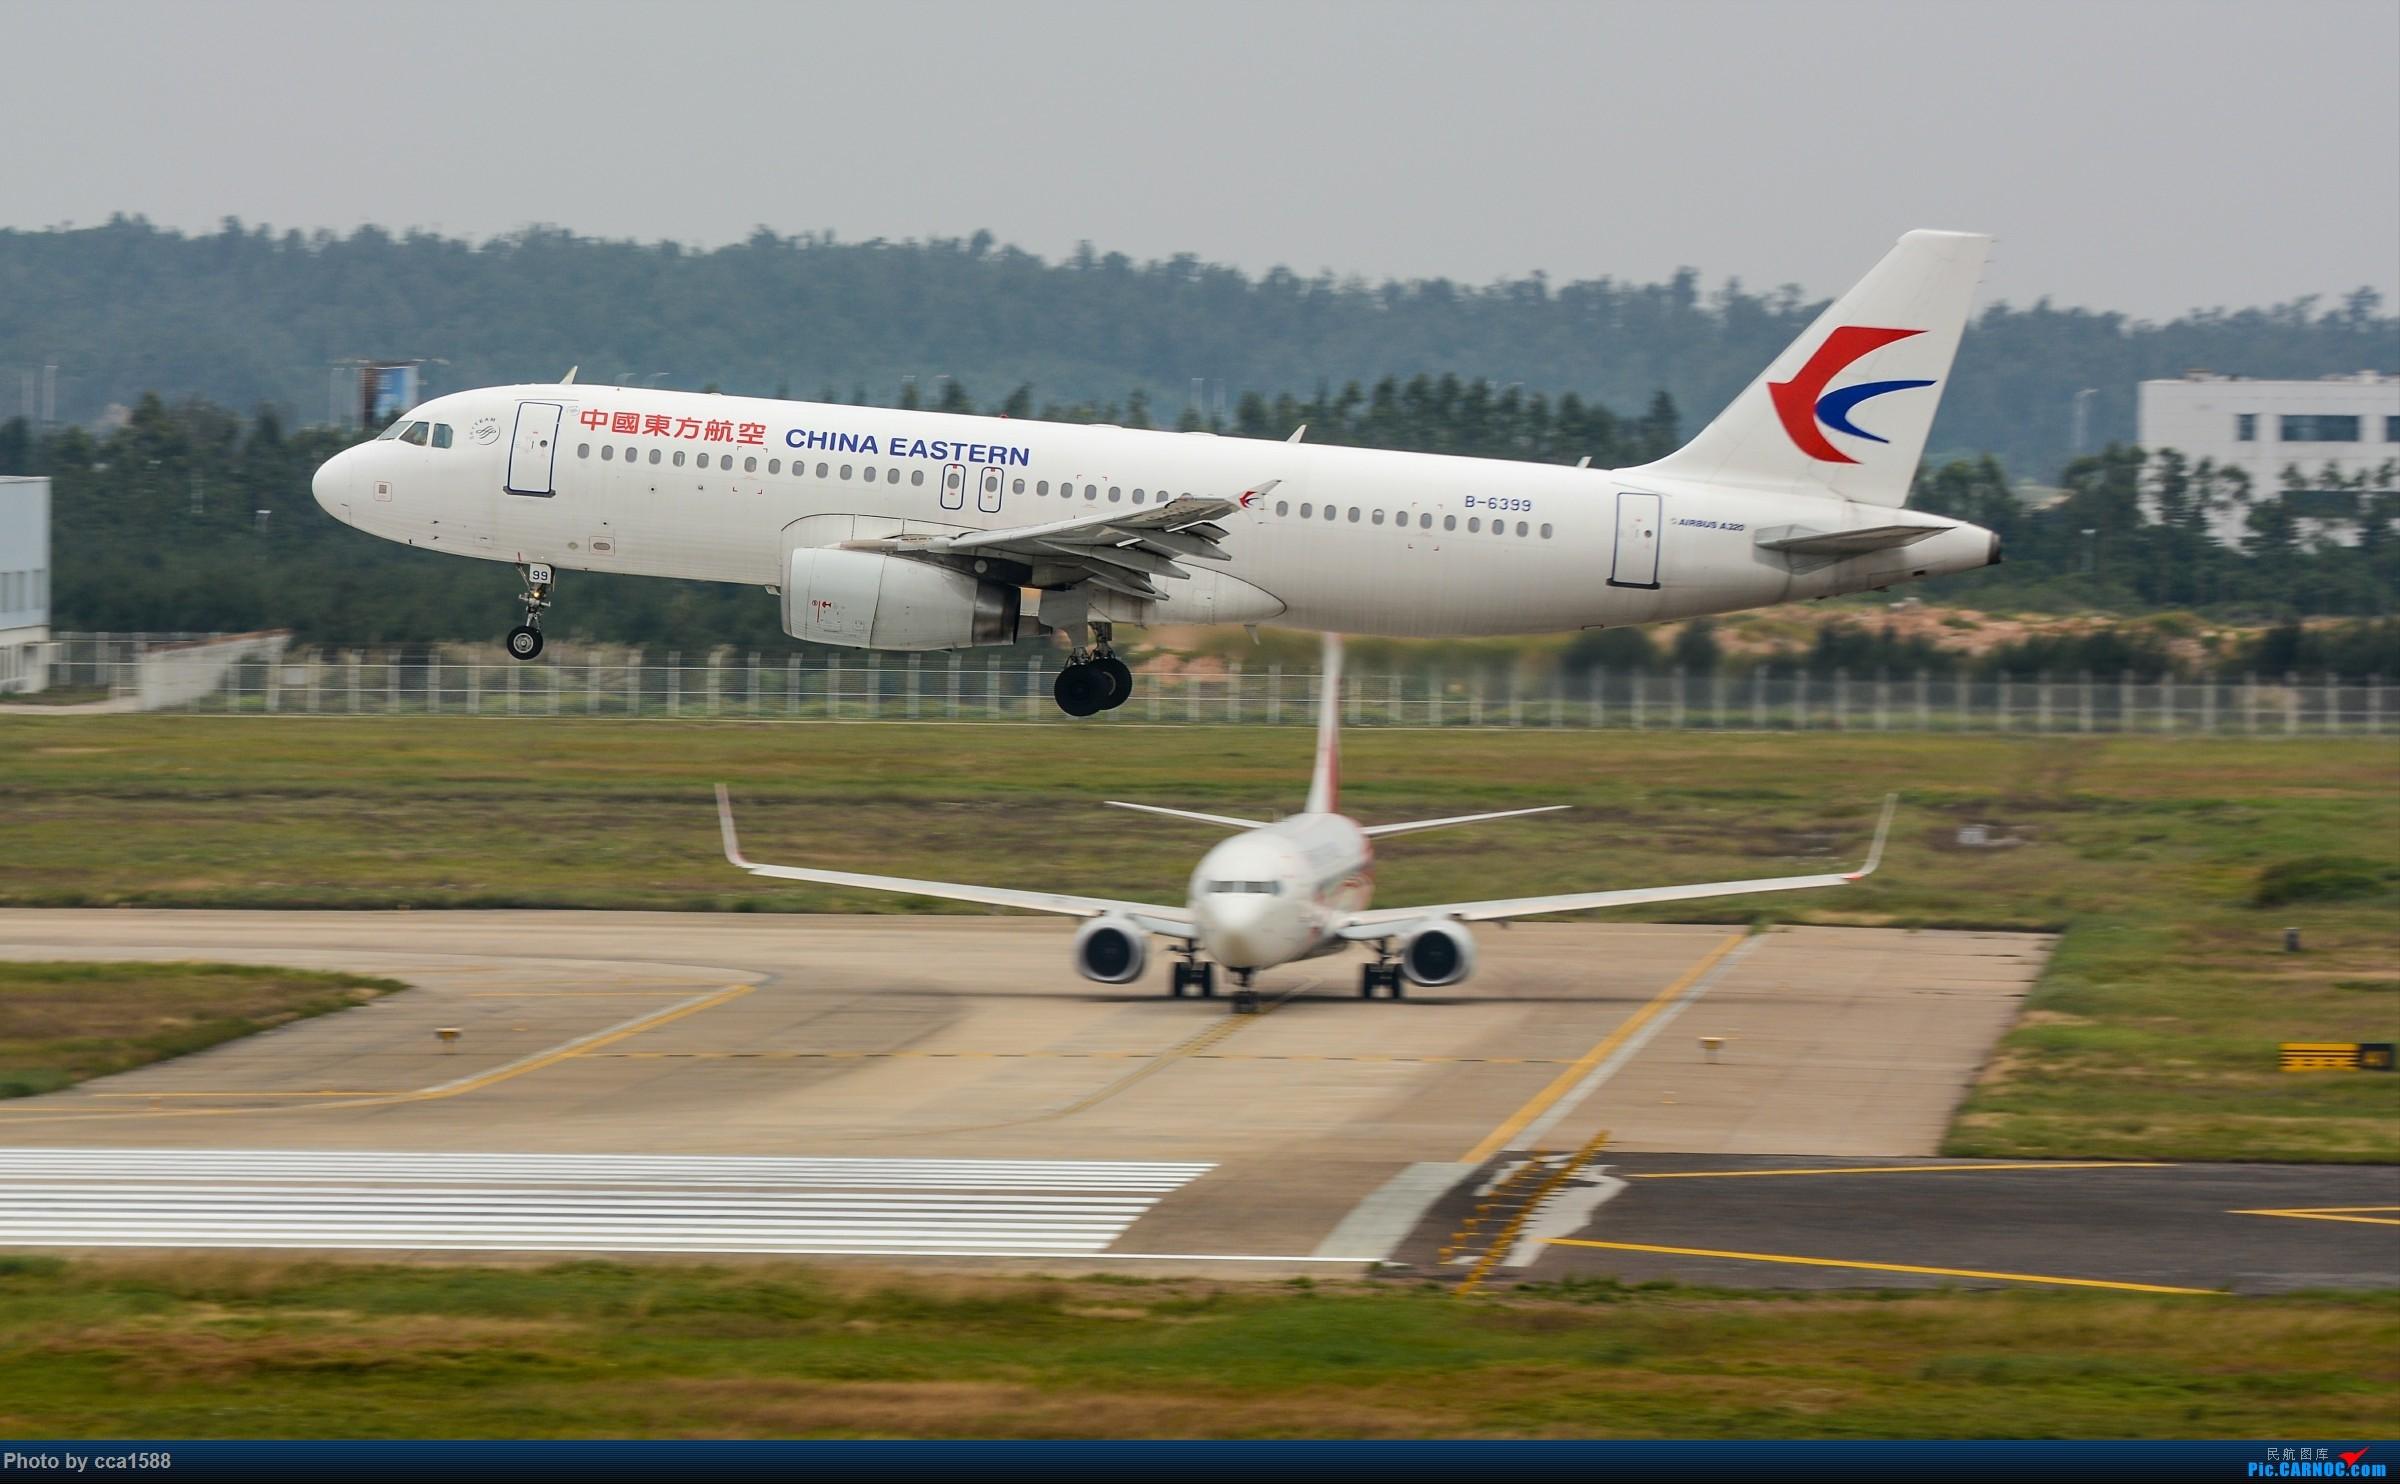 """Re:[原创]【福州飞友会】蹲点两天终于等到你~厦航首架787-9""""金砖梦想号"""" AIRBUS A320-200 B-6399 中国福州长乐国际机场"""